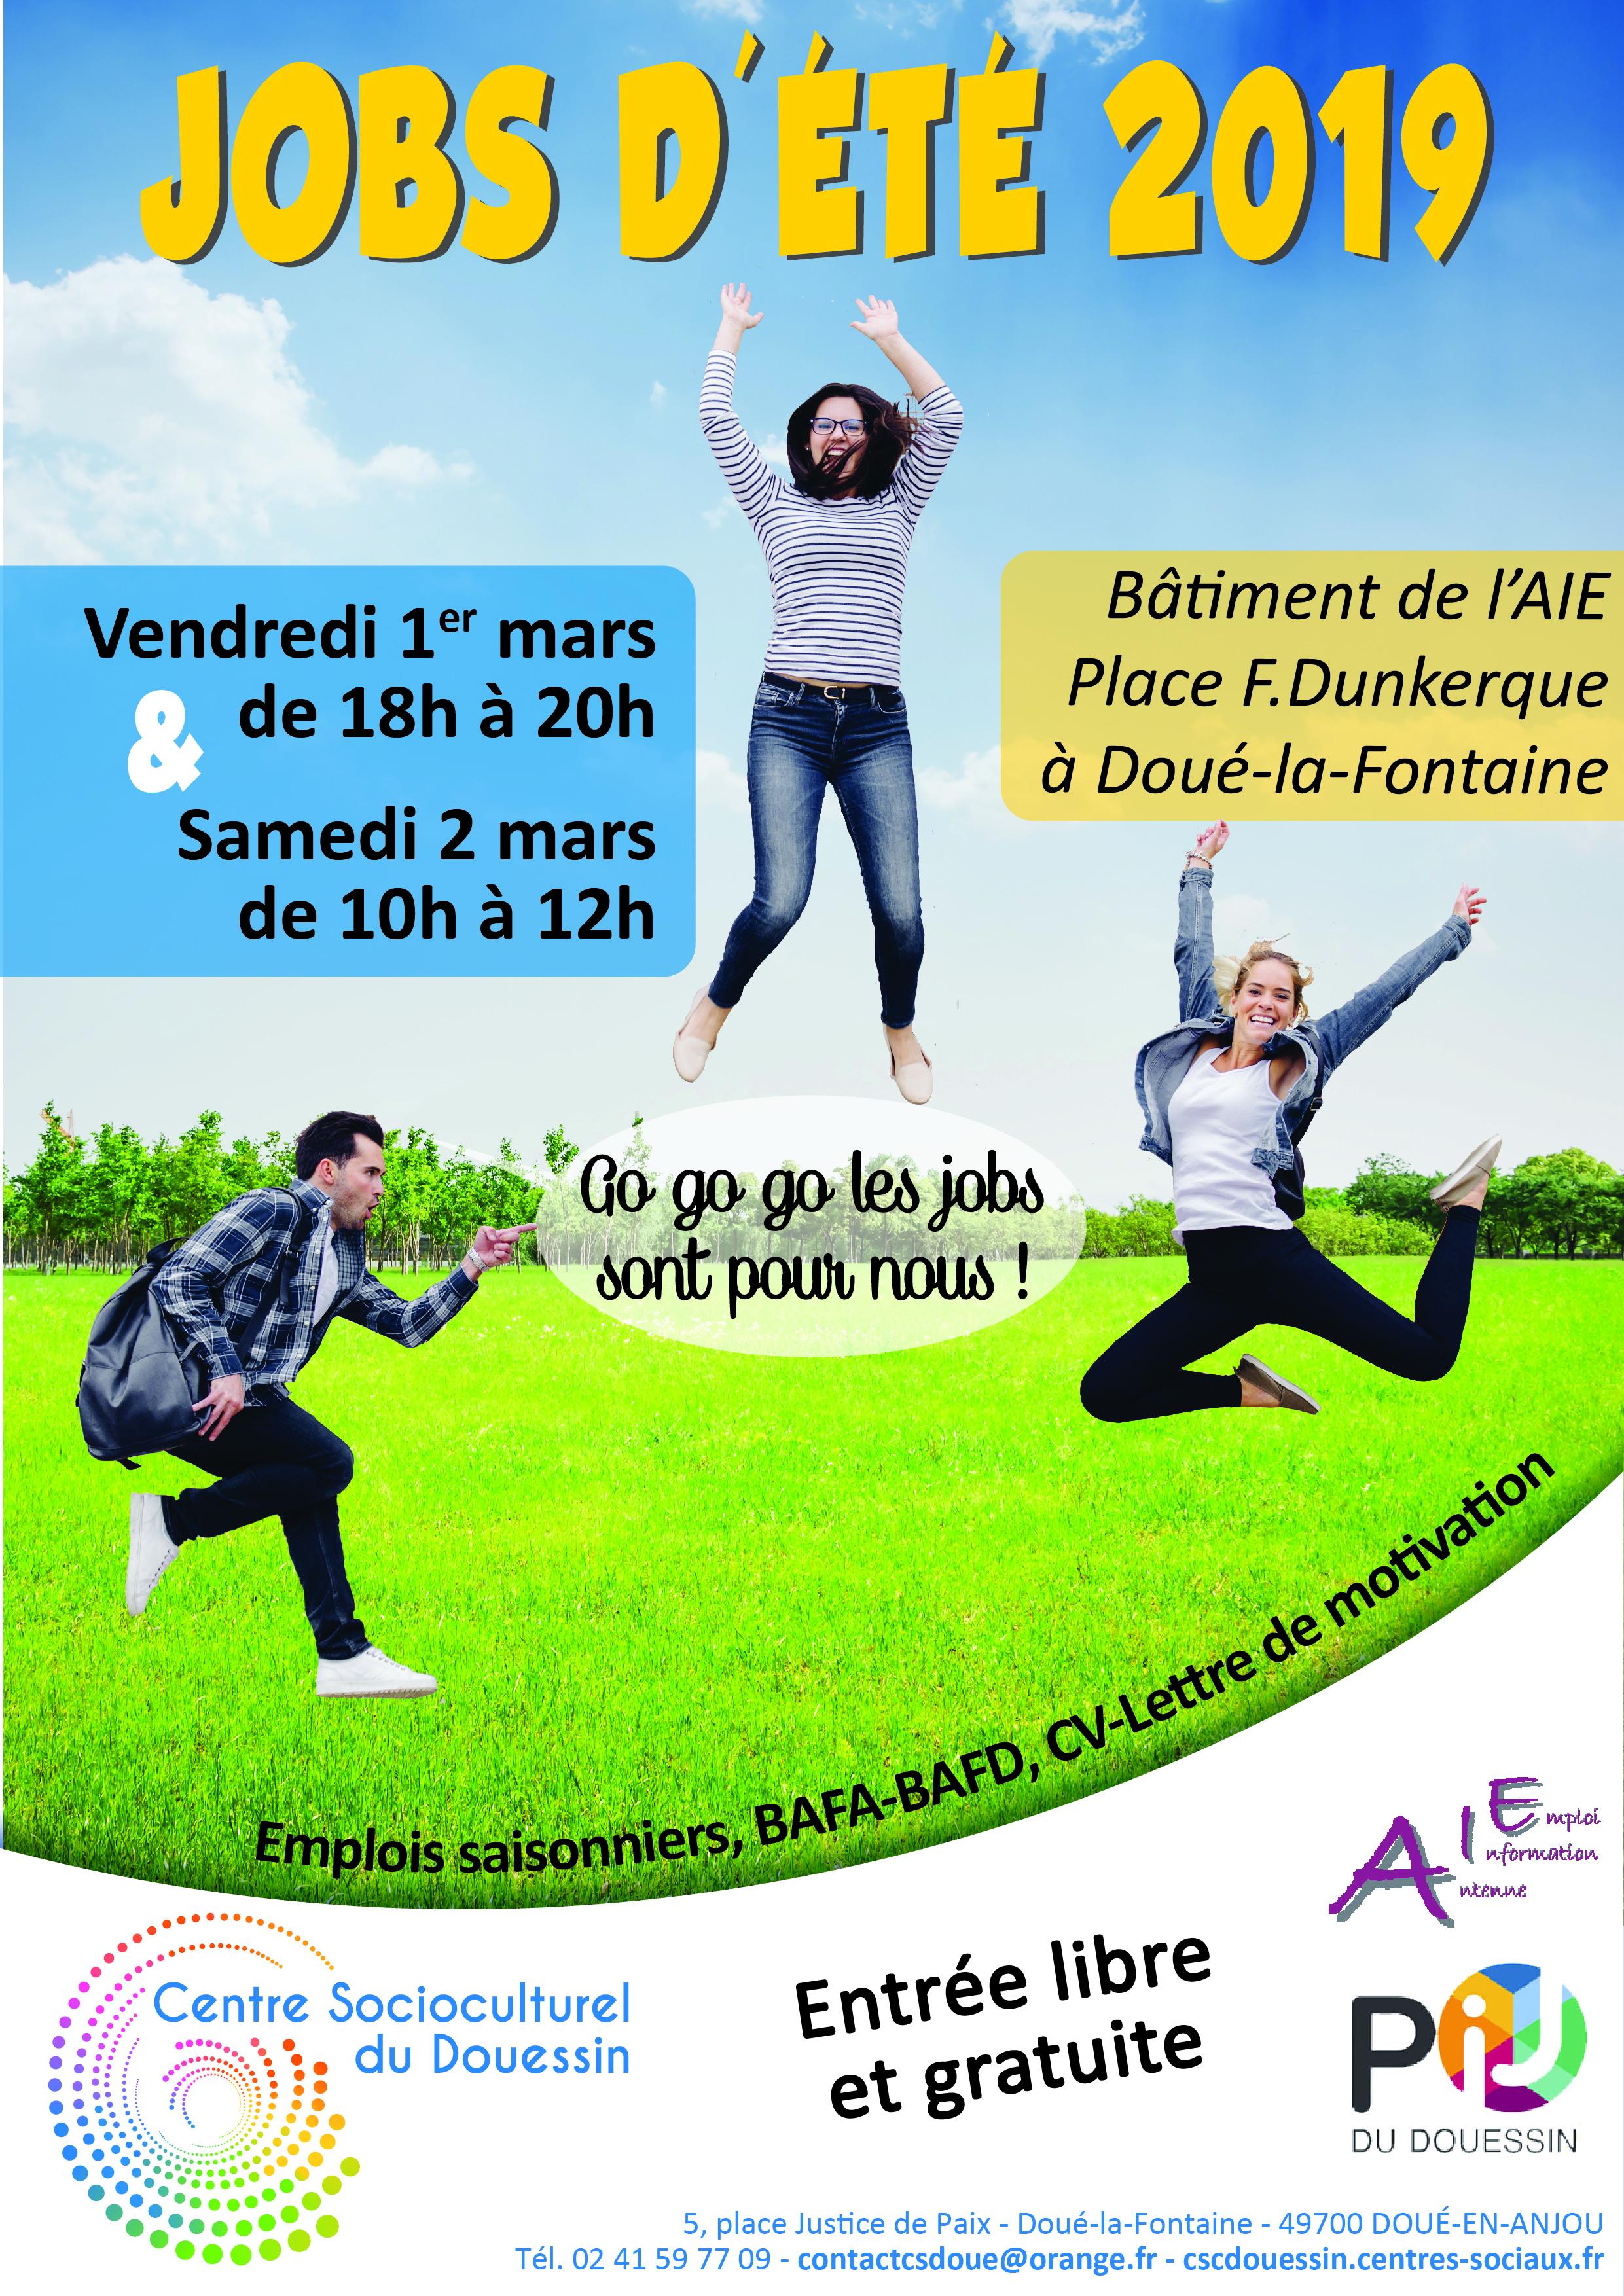 Jobs d'été 2019 : 2 dates pour accueillir les jeunes de 16 à 25 ans ! | Centre Socioculturel du ...